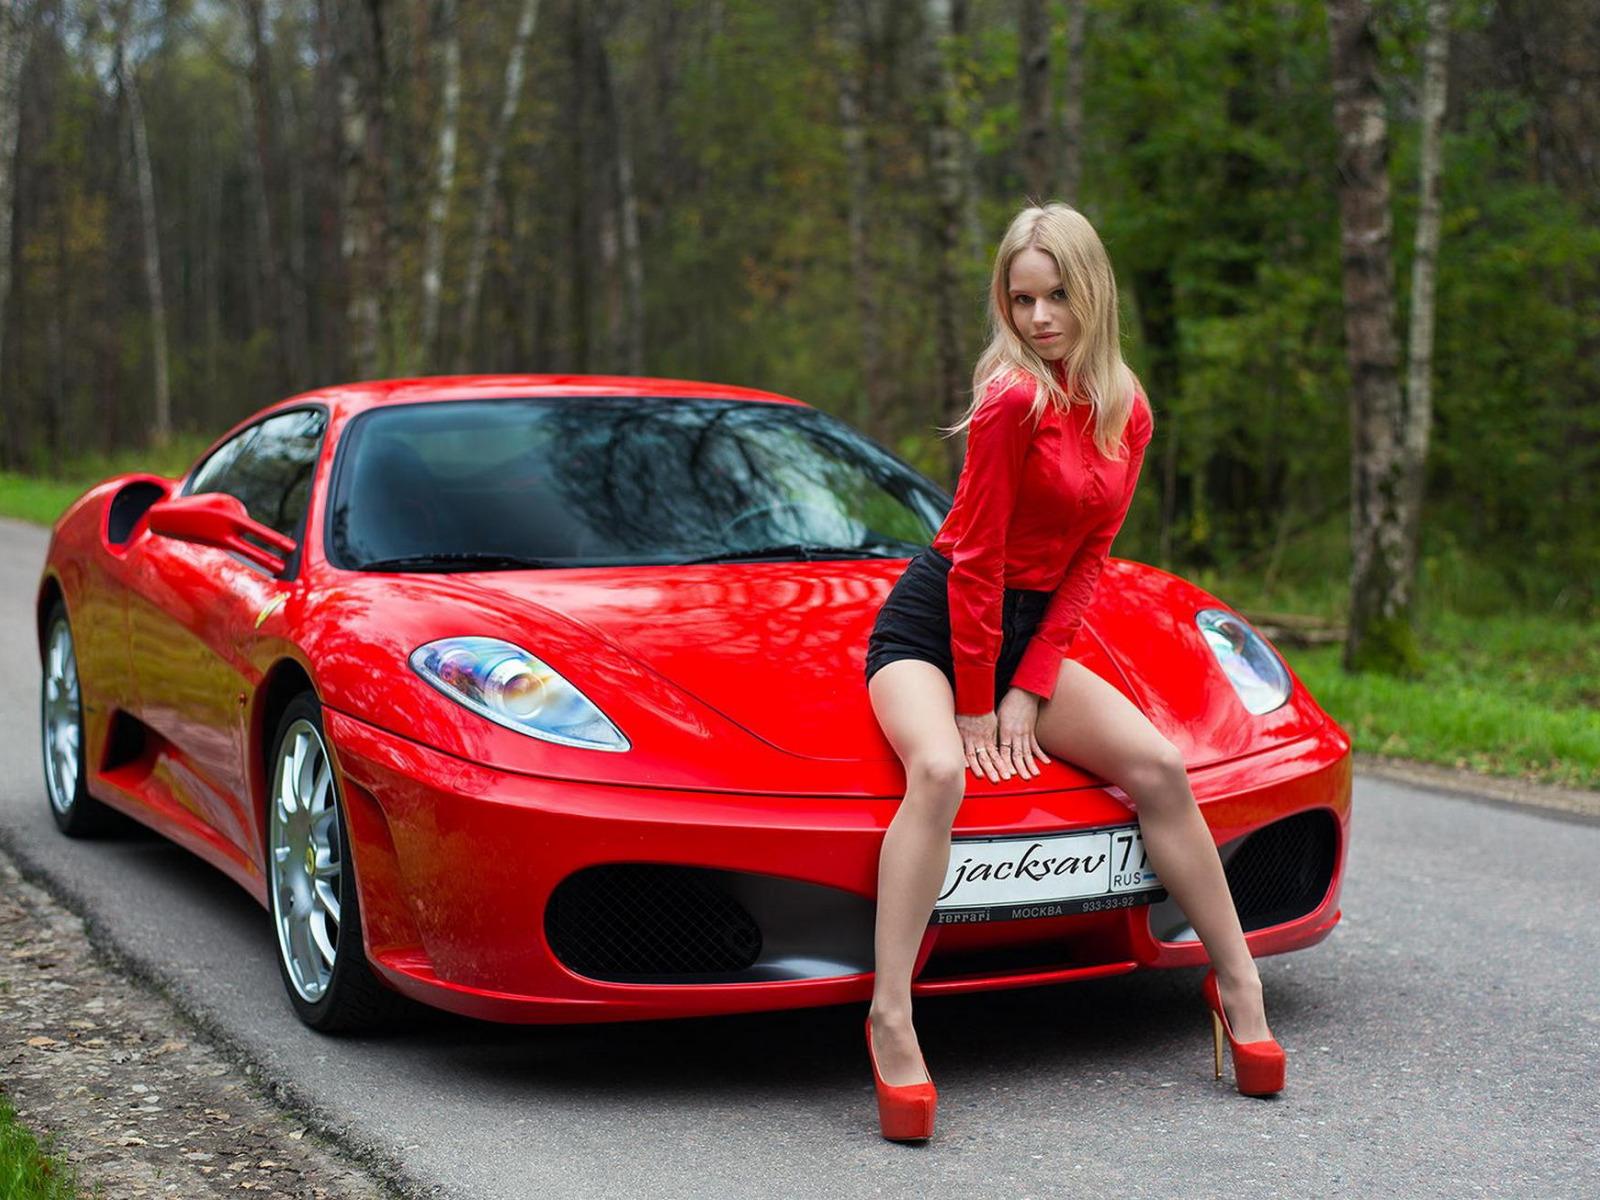 Картинка девушка с красной машинкой